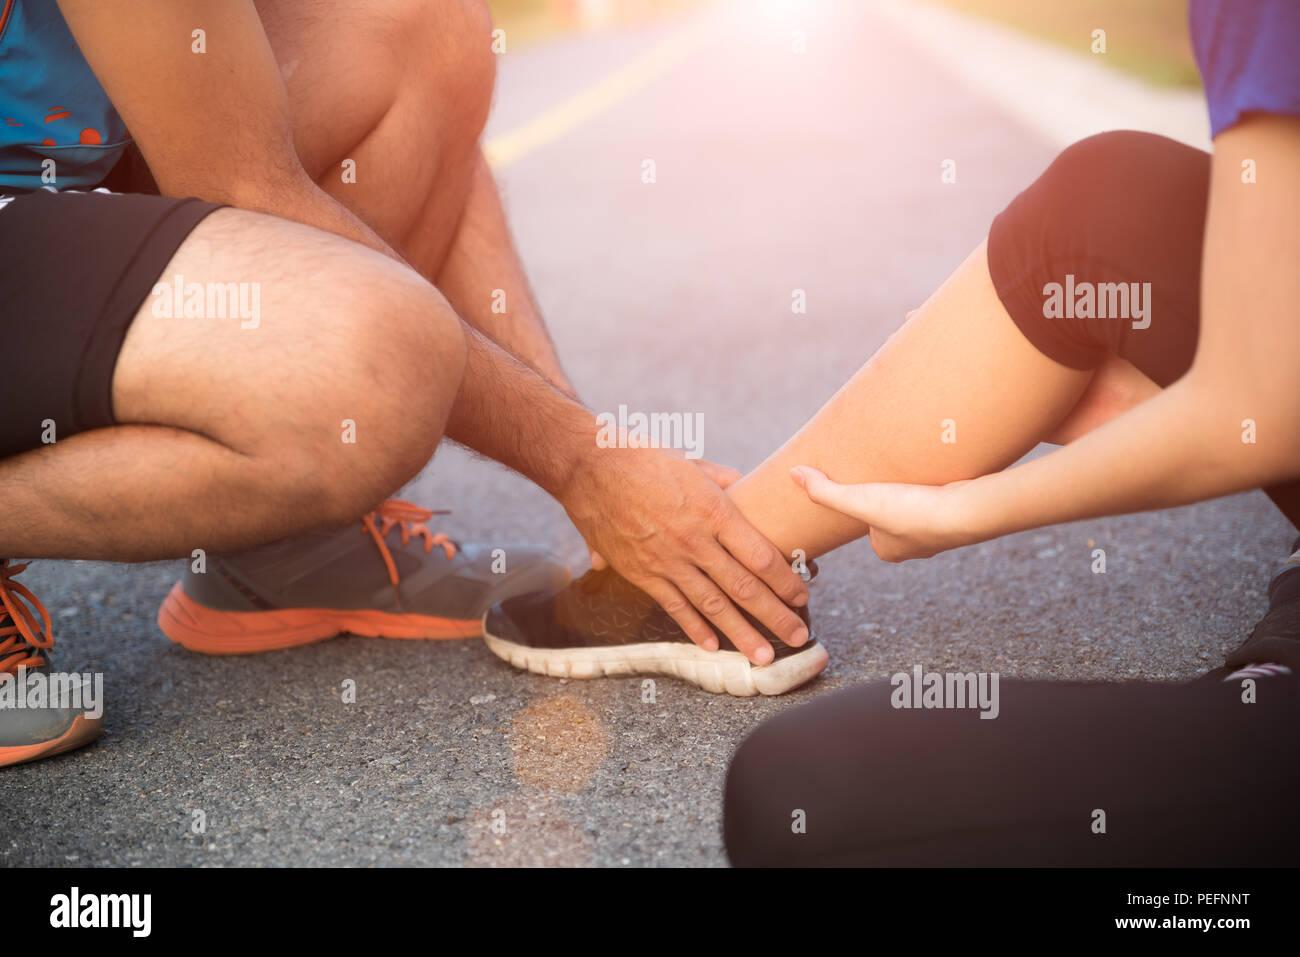 Knöchel verstaucht. Junge Frau mit einer Knöchelverletzung beim Trainieren und laufen und sie Hilfe von Mann ihren Knöchel berühren. Healthcare eine Stockbild